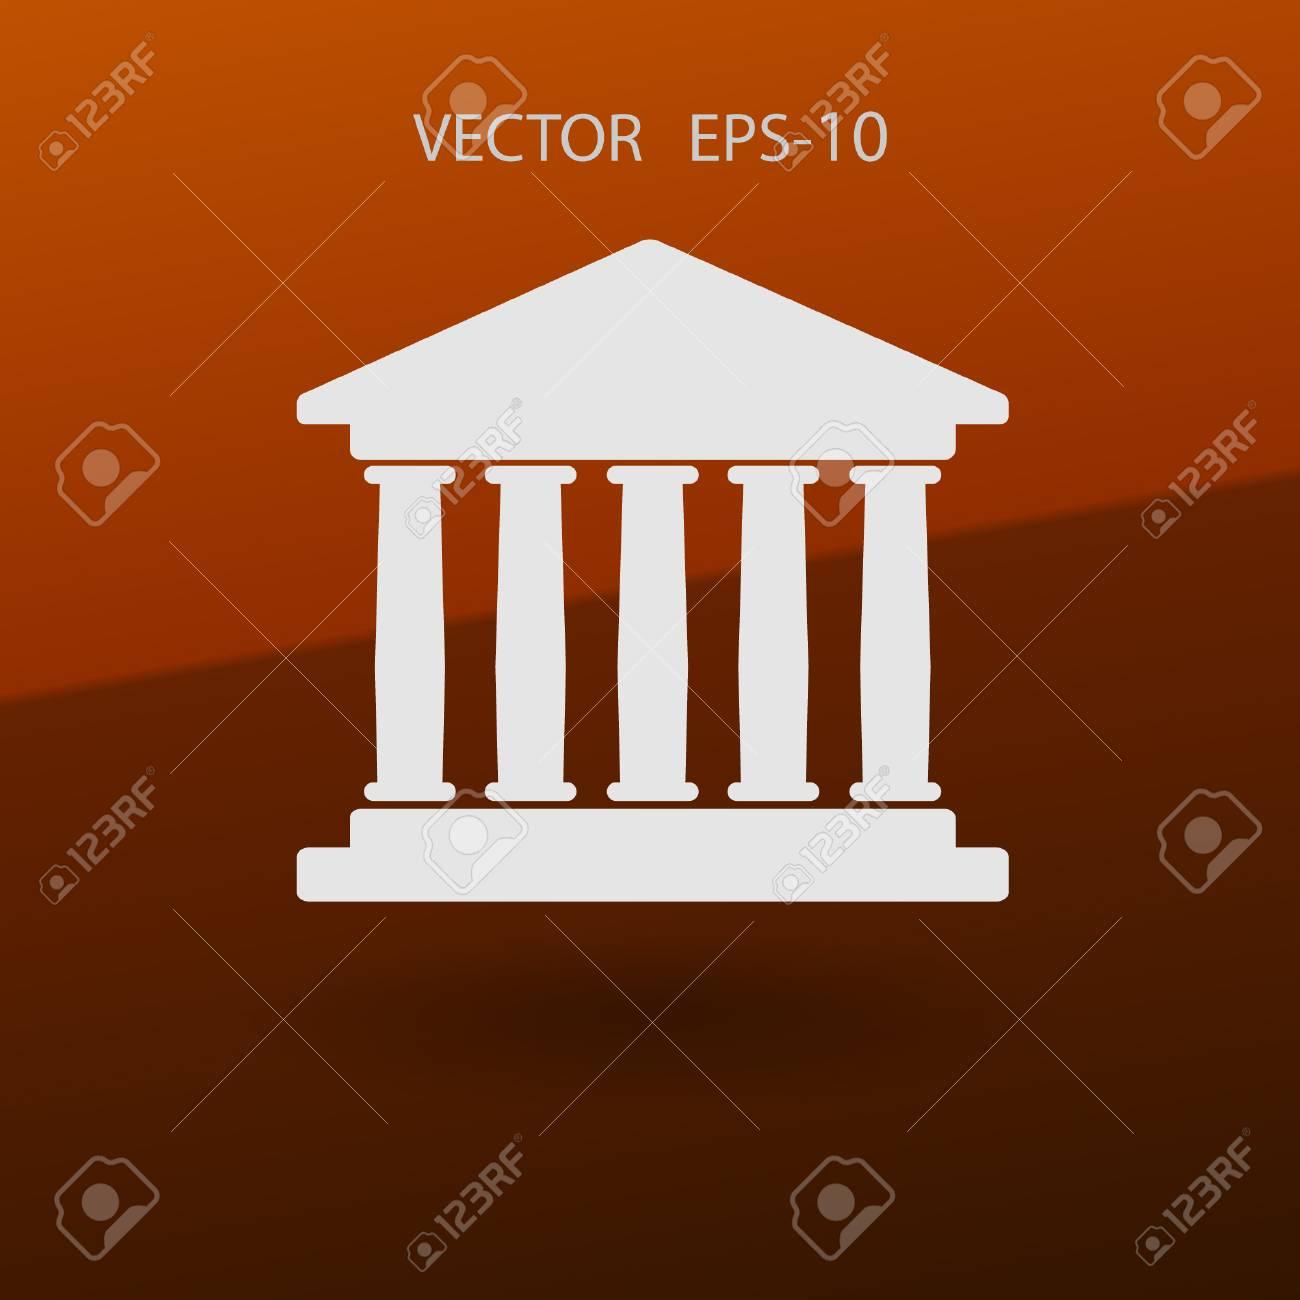 Banque Vectorielle icône plat du bâtiment de la banque. illustration vectorielle clip